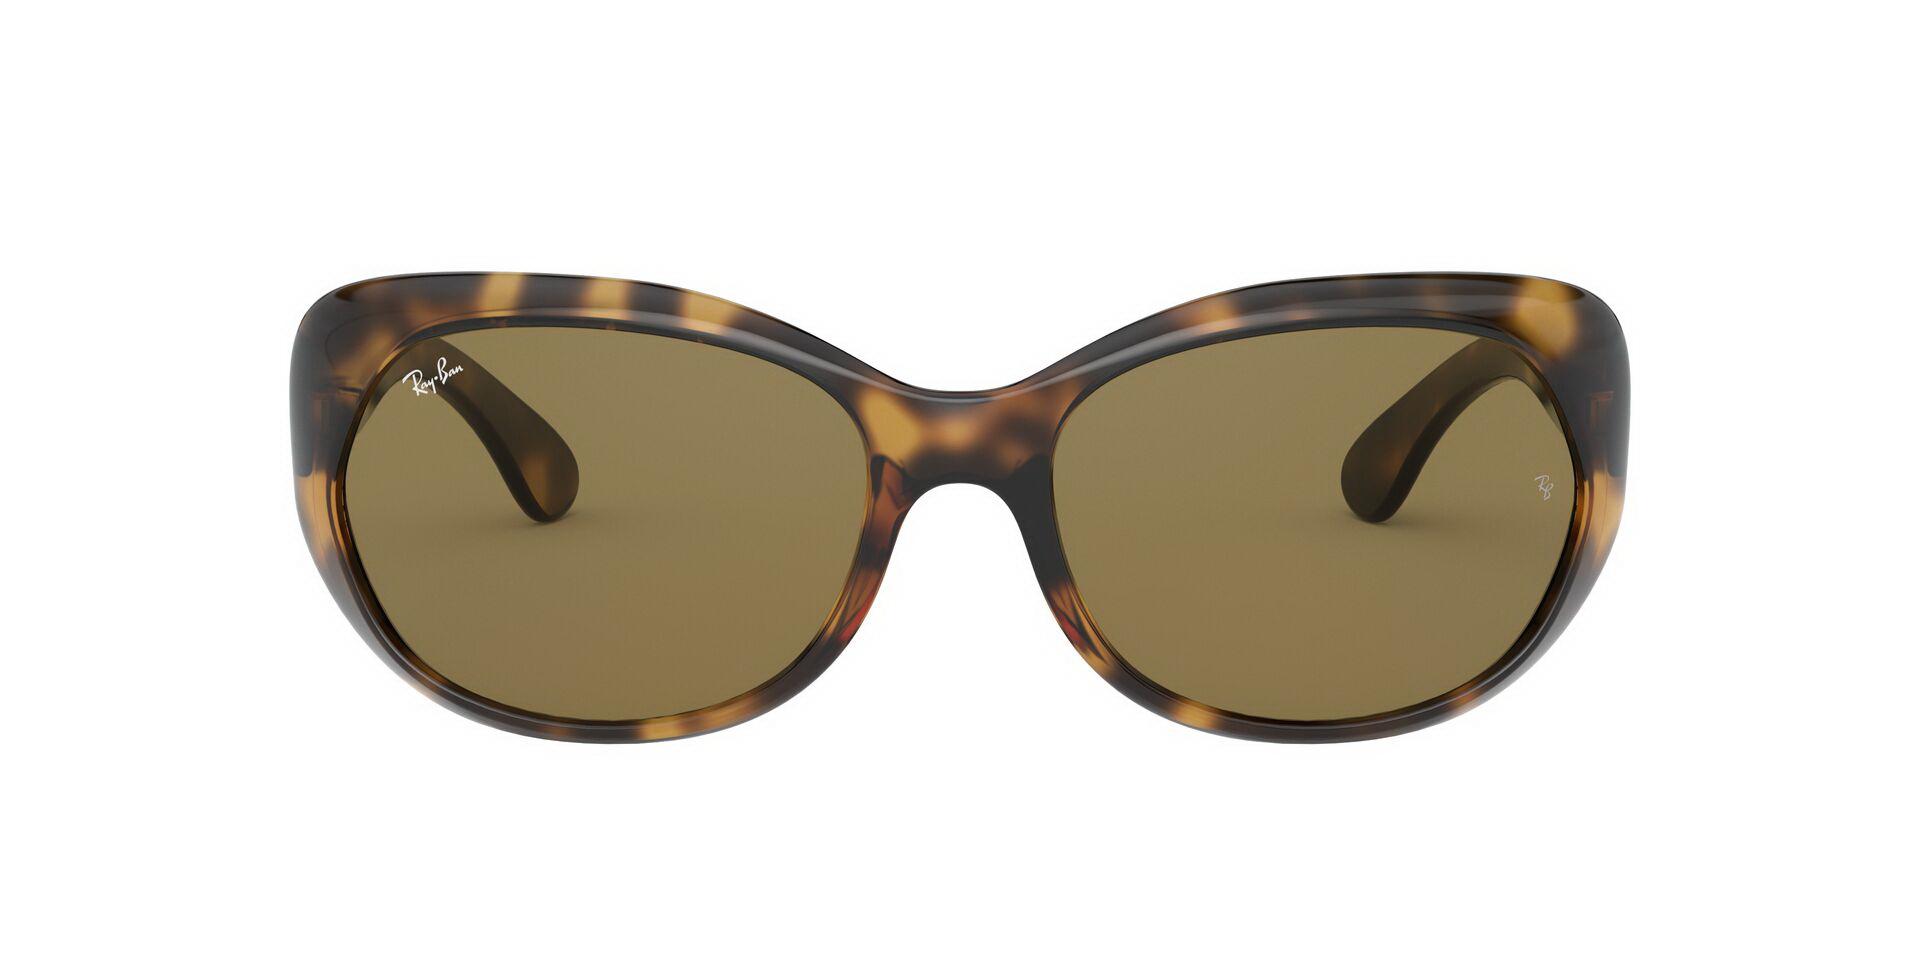 Солнцезащитные очки Очки с/з Ray Ban 0RB4325 710/73 фото